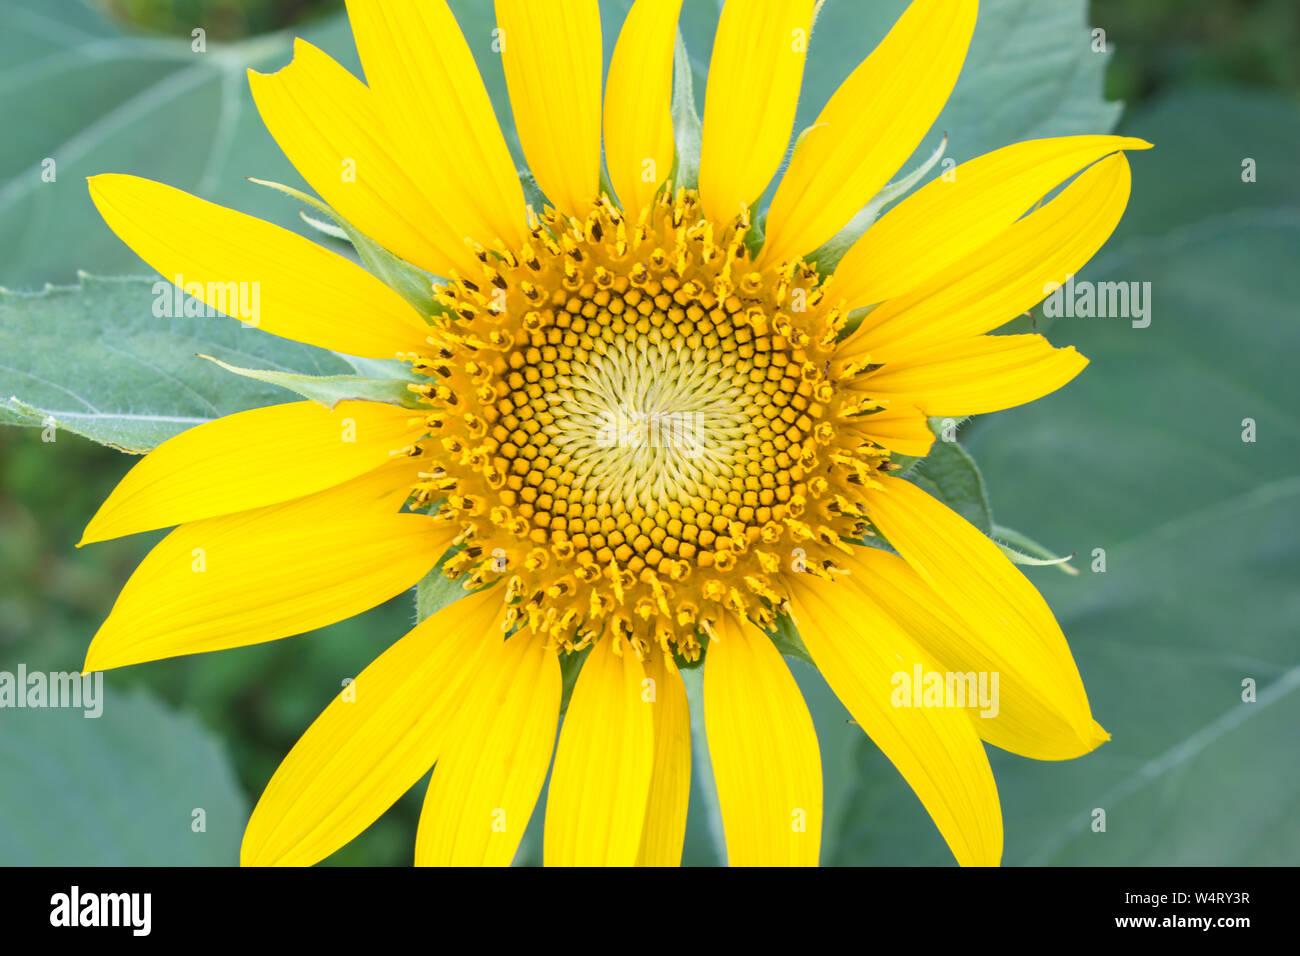 Bel colore giallo dei girasoli fioritura nelle ore diurne. Foto Stock